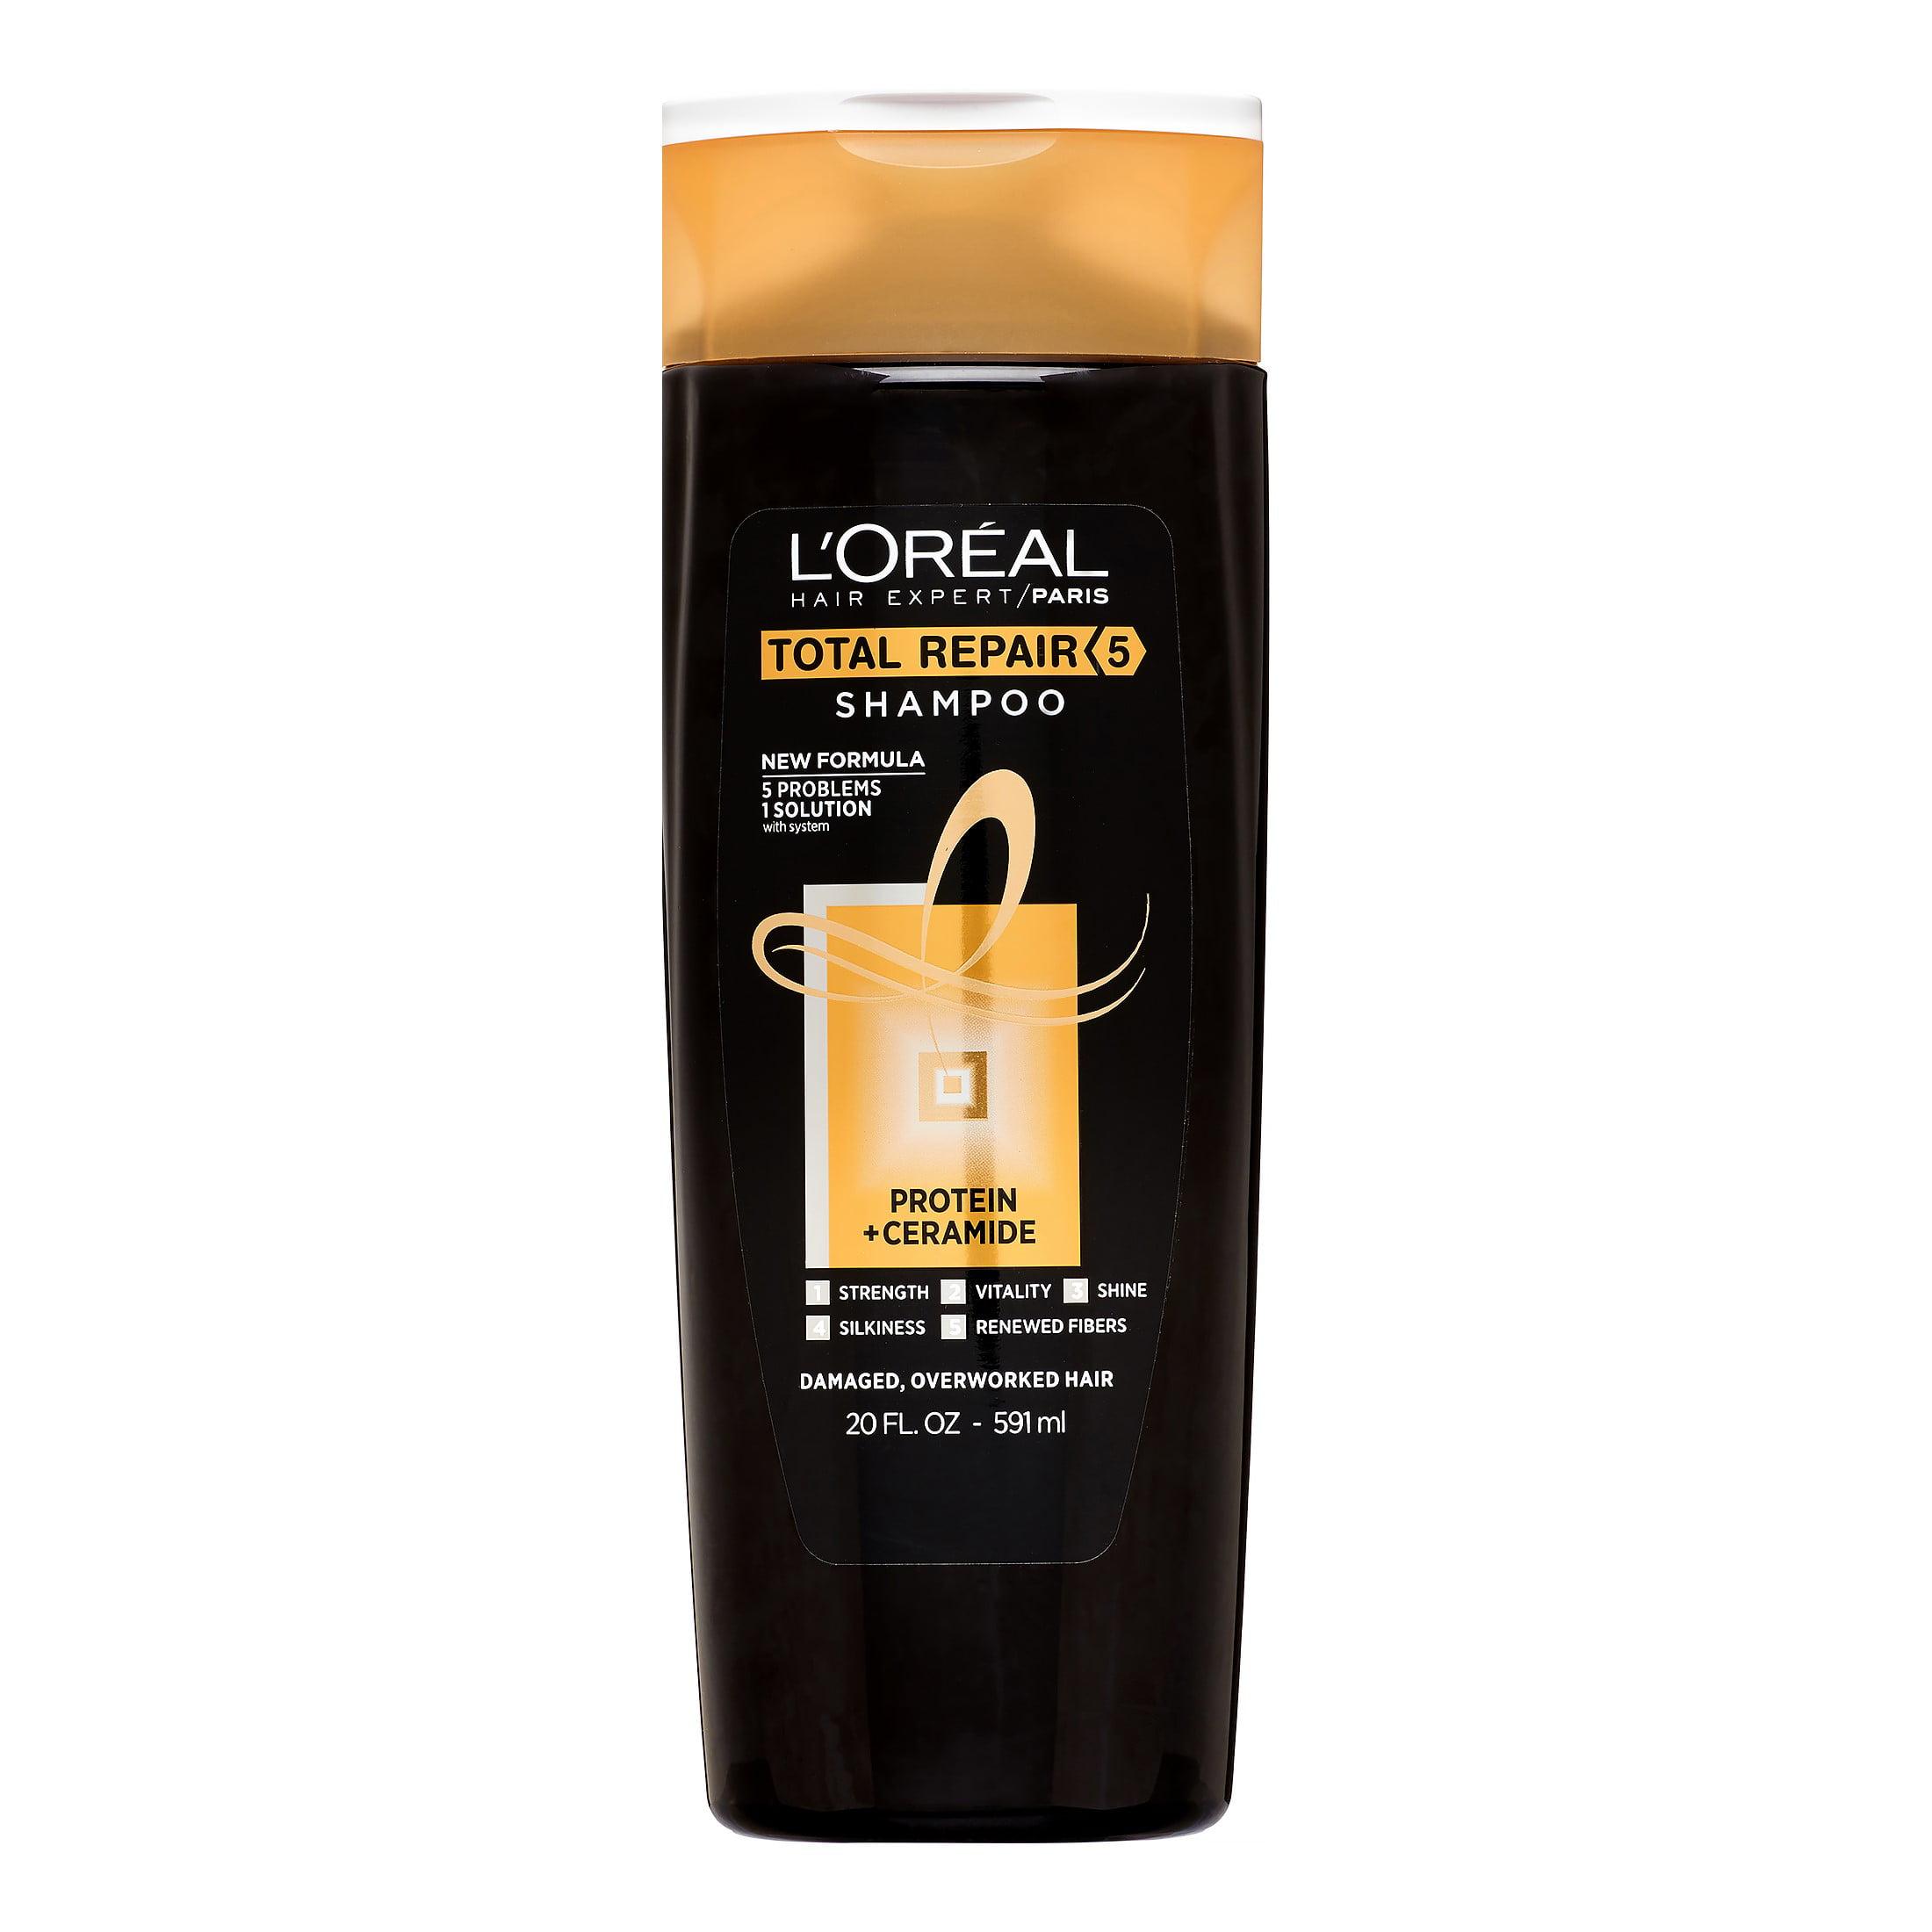 L'Oreal Paris Hair Expert Total Repair 5 Restoring Shampoo, 20 Fl Oz